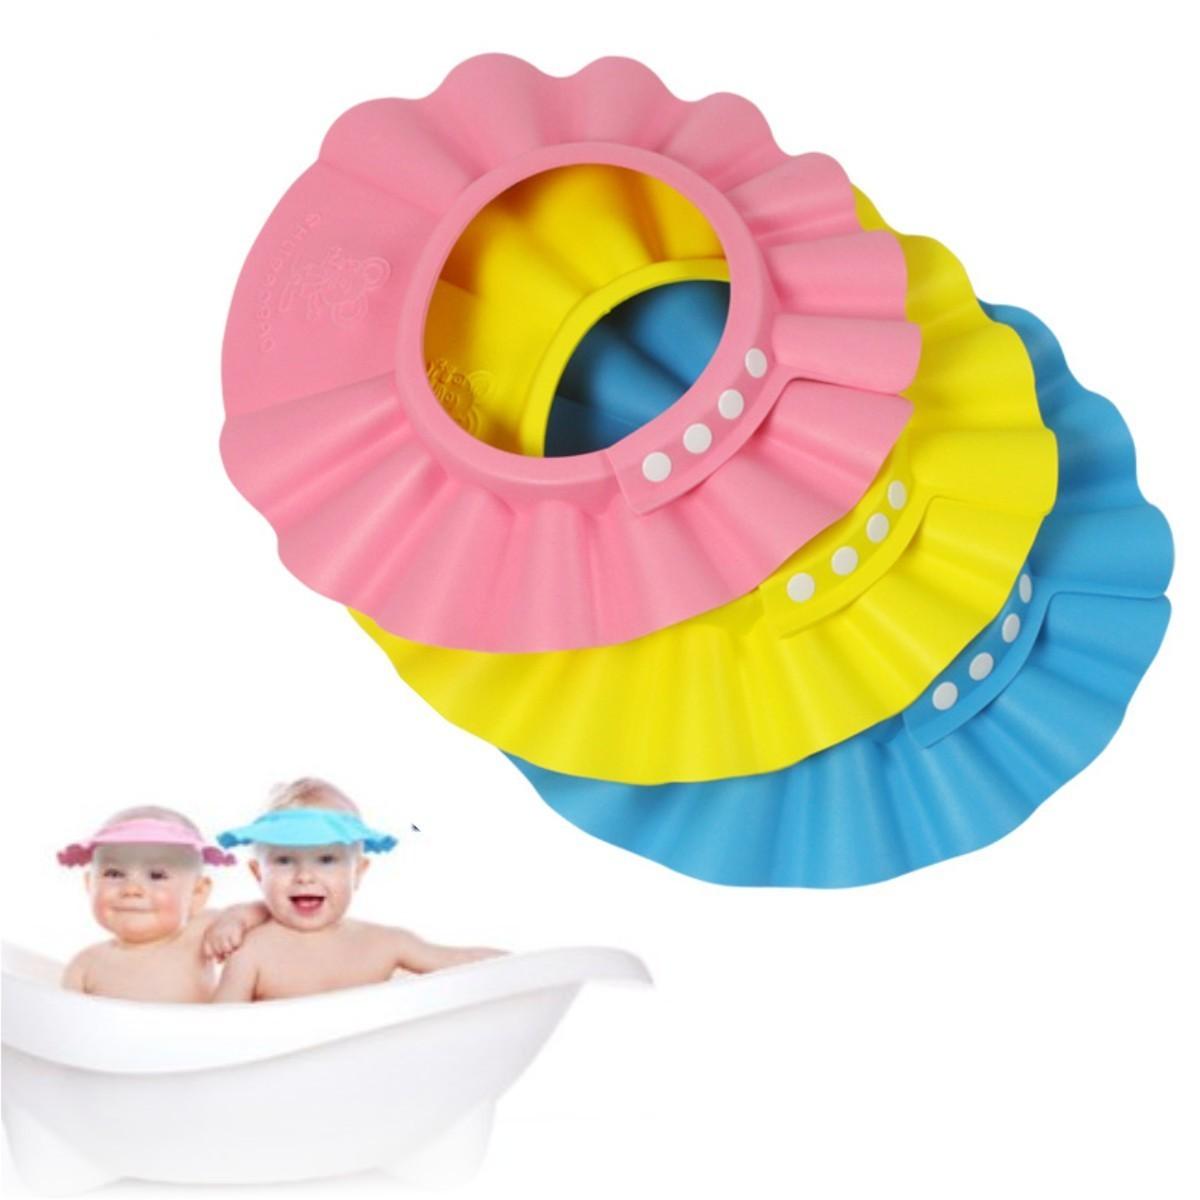 103c4b323 Gorro Visera de Ducha para Baño Bebé Niño Protege sus Ojos del shampoo